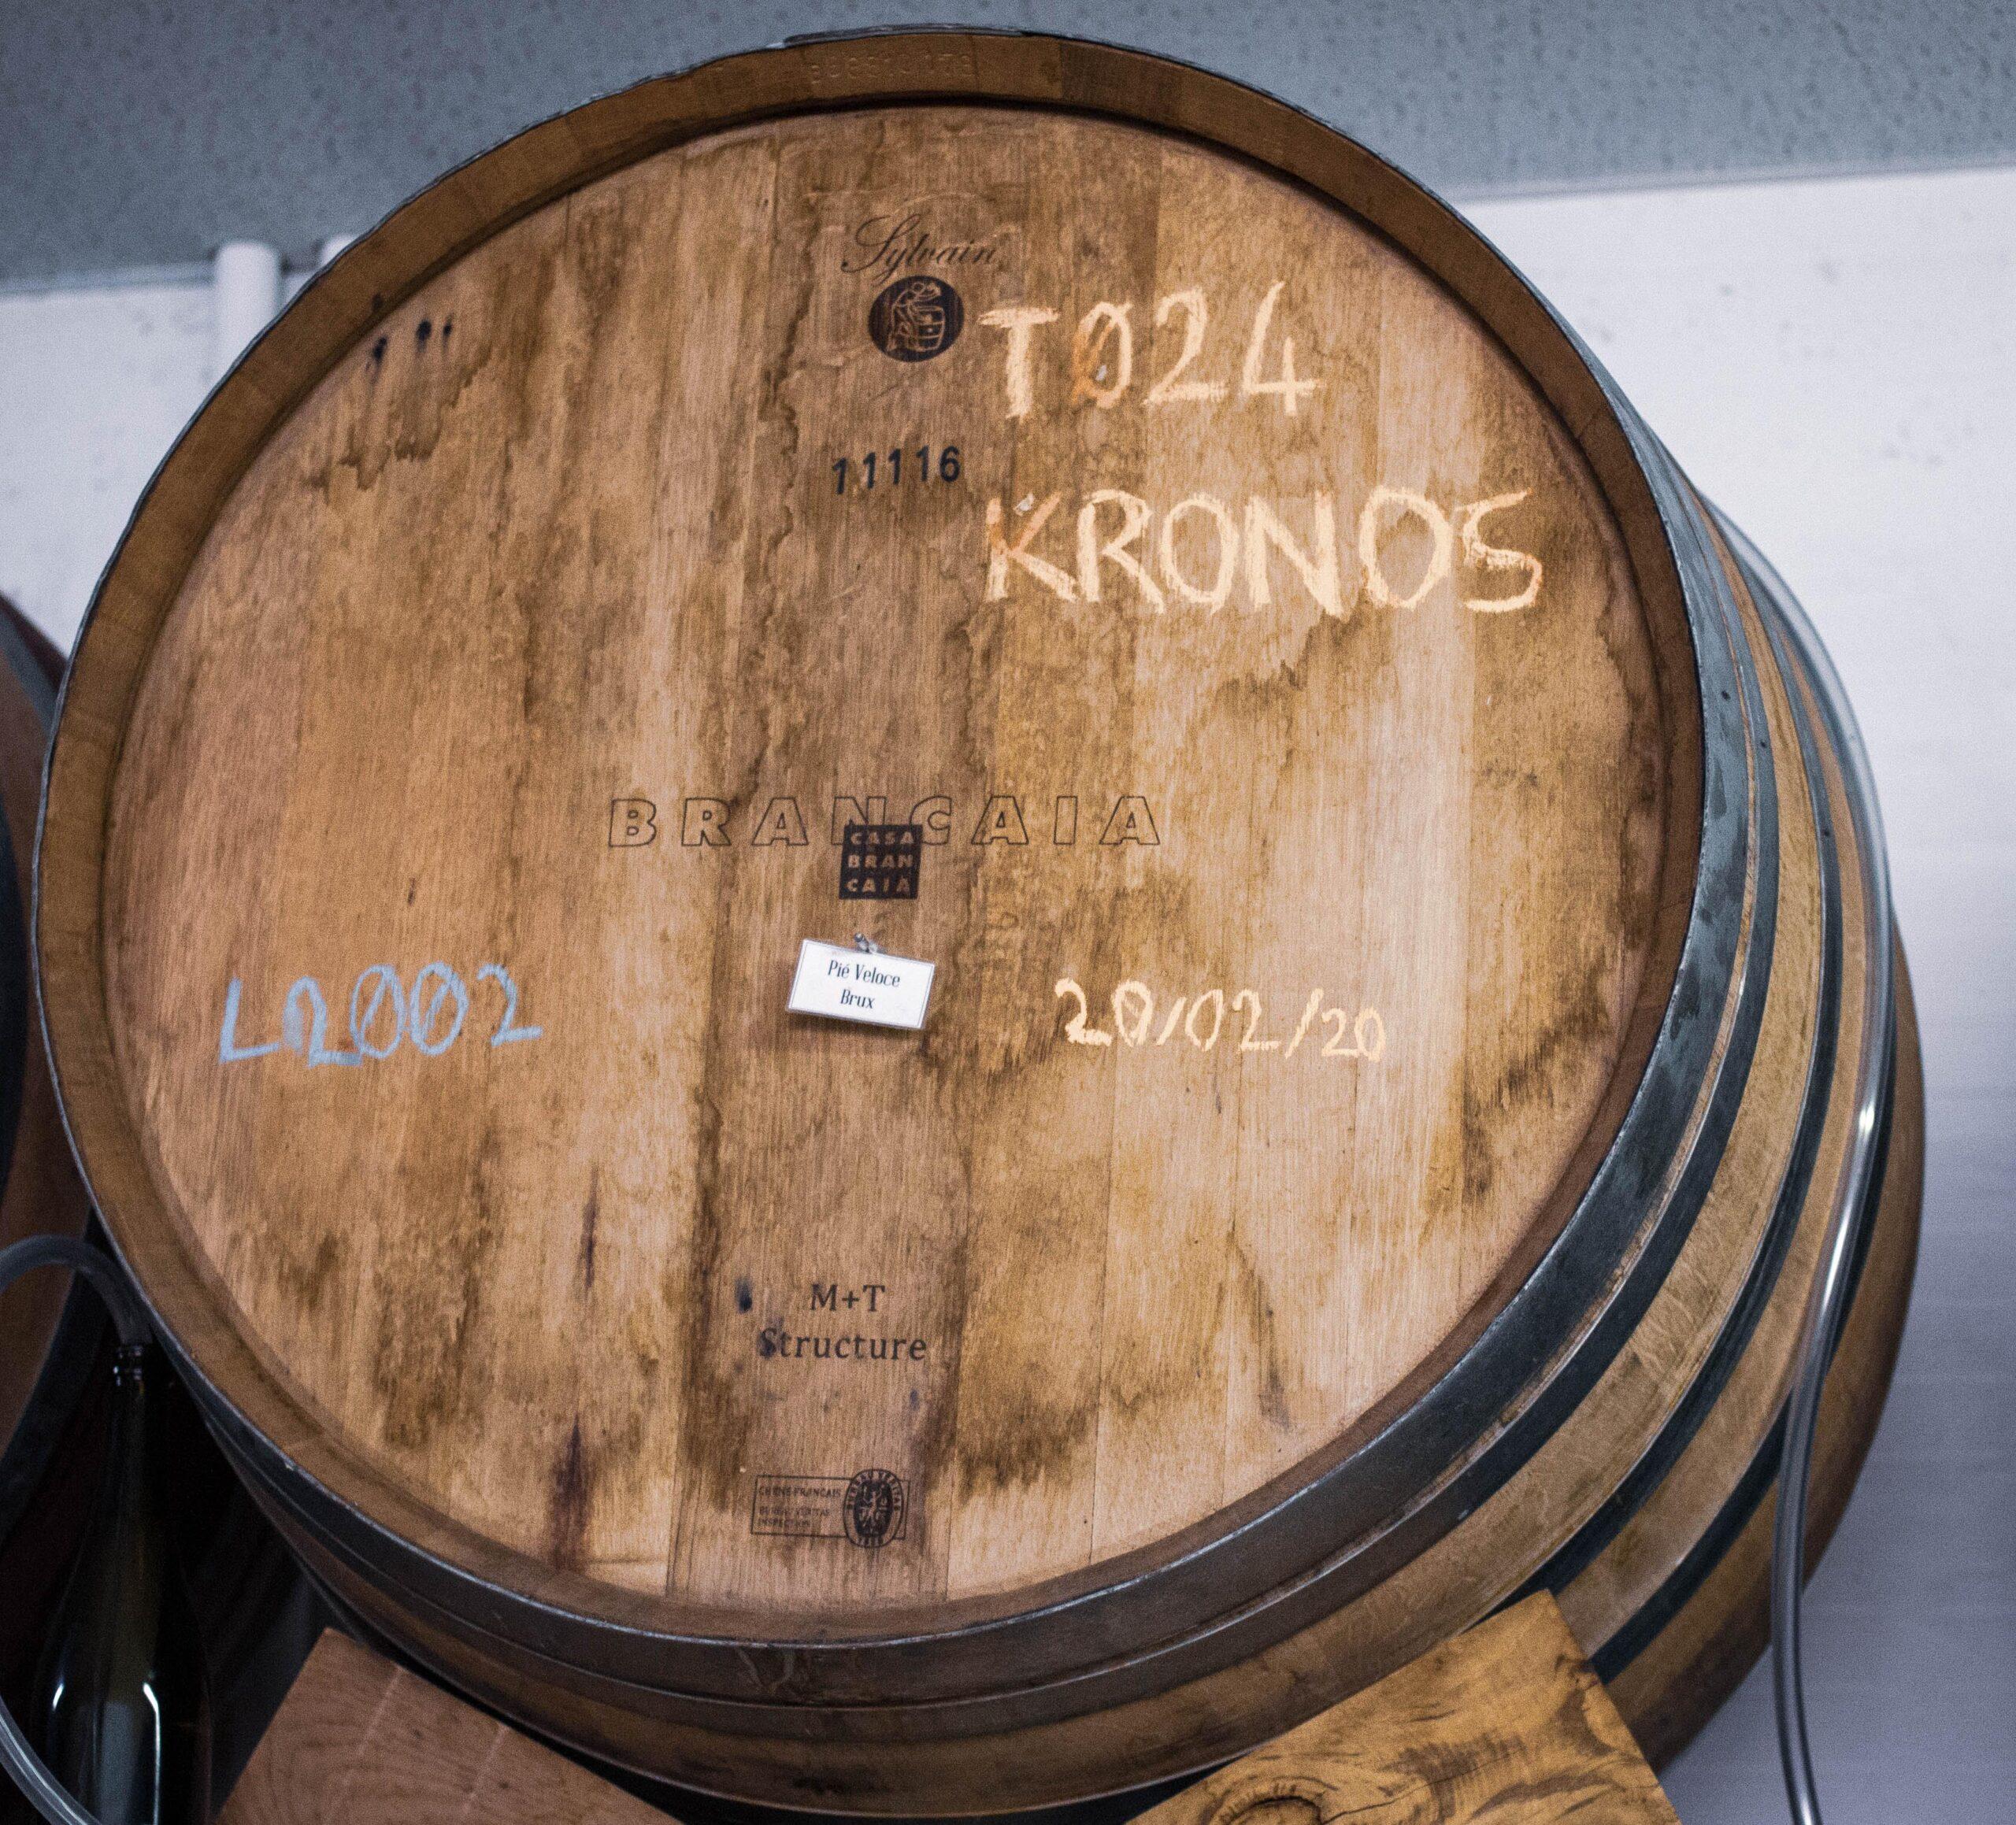 Tonneaux 24 Kronos